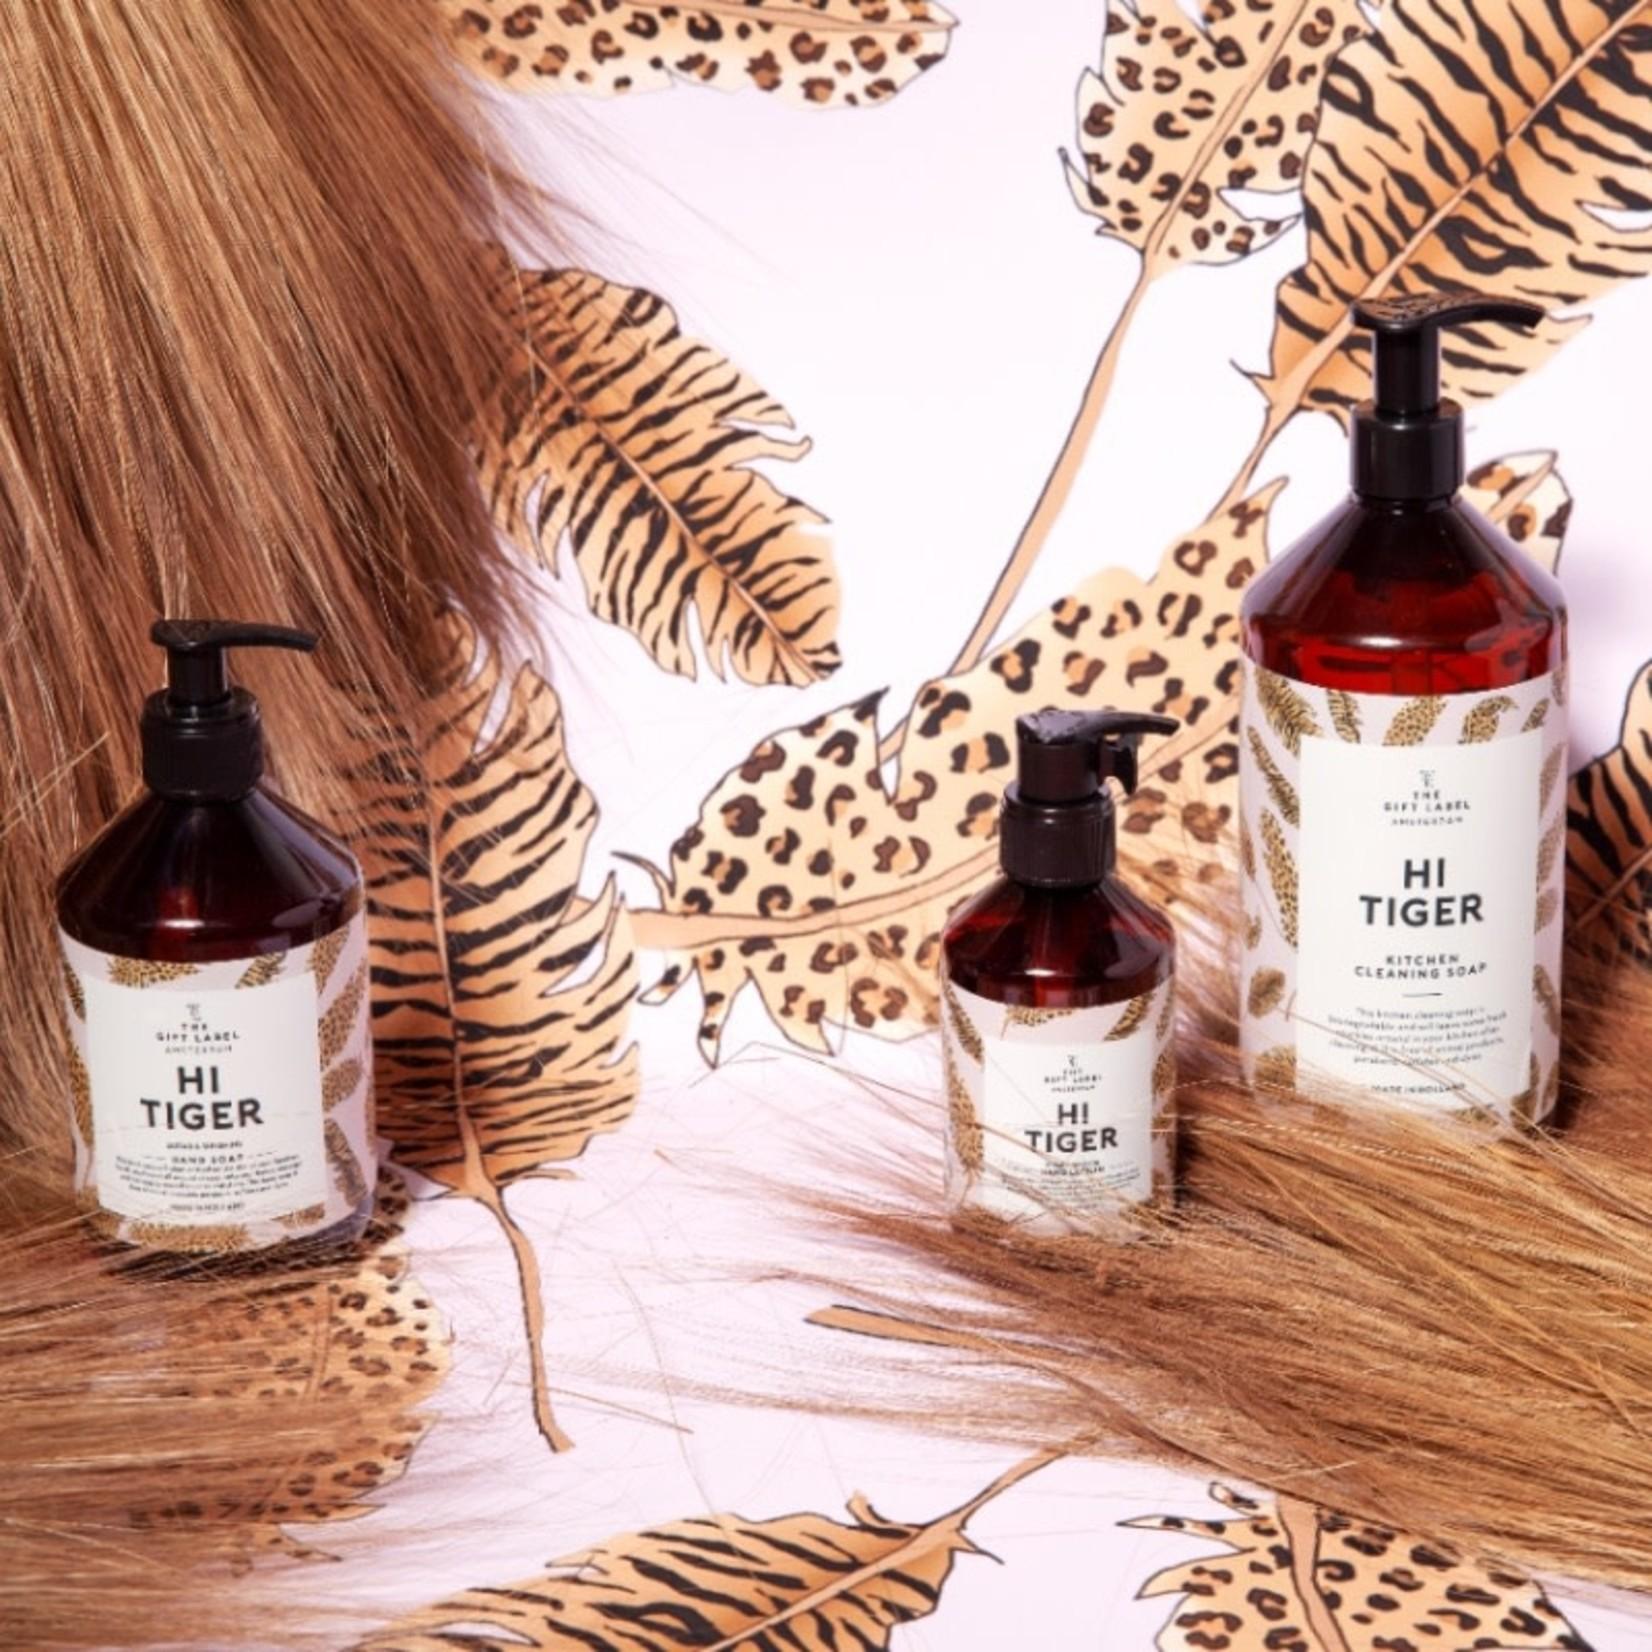 The Gift Label The Gift Label | Handsoap 500 ml |Hi Tiger